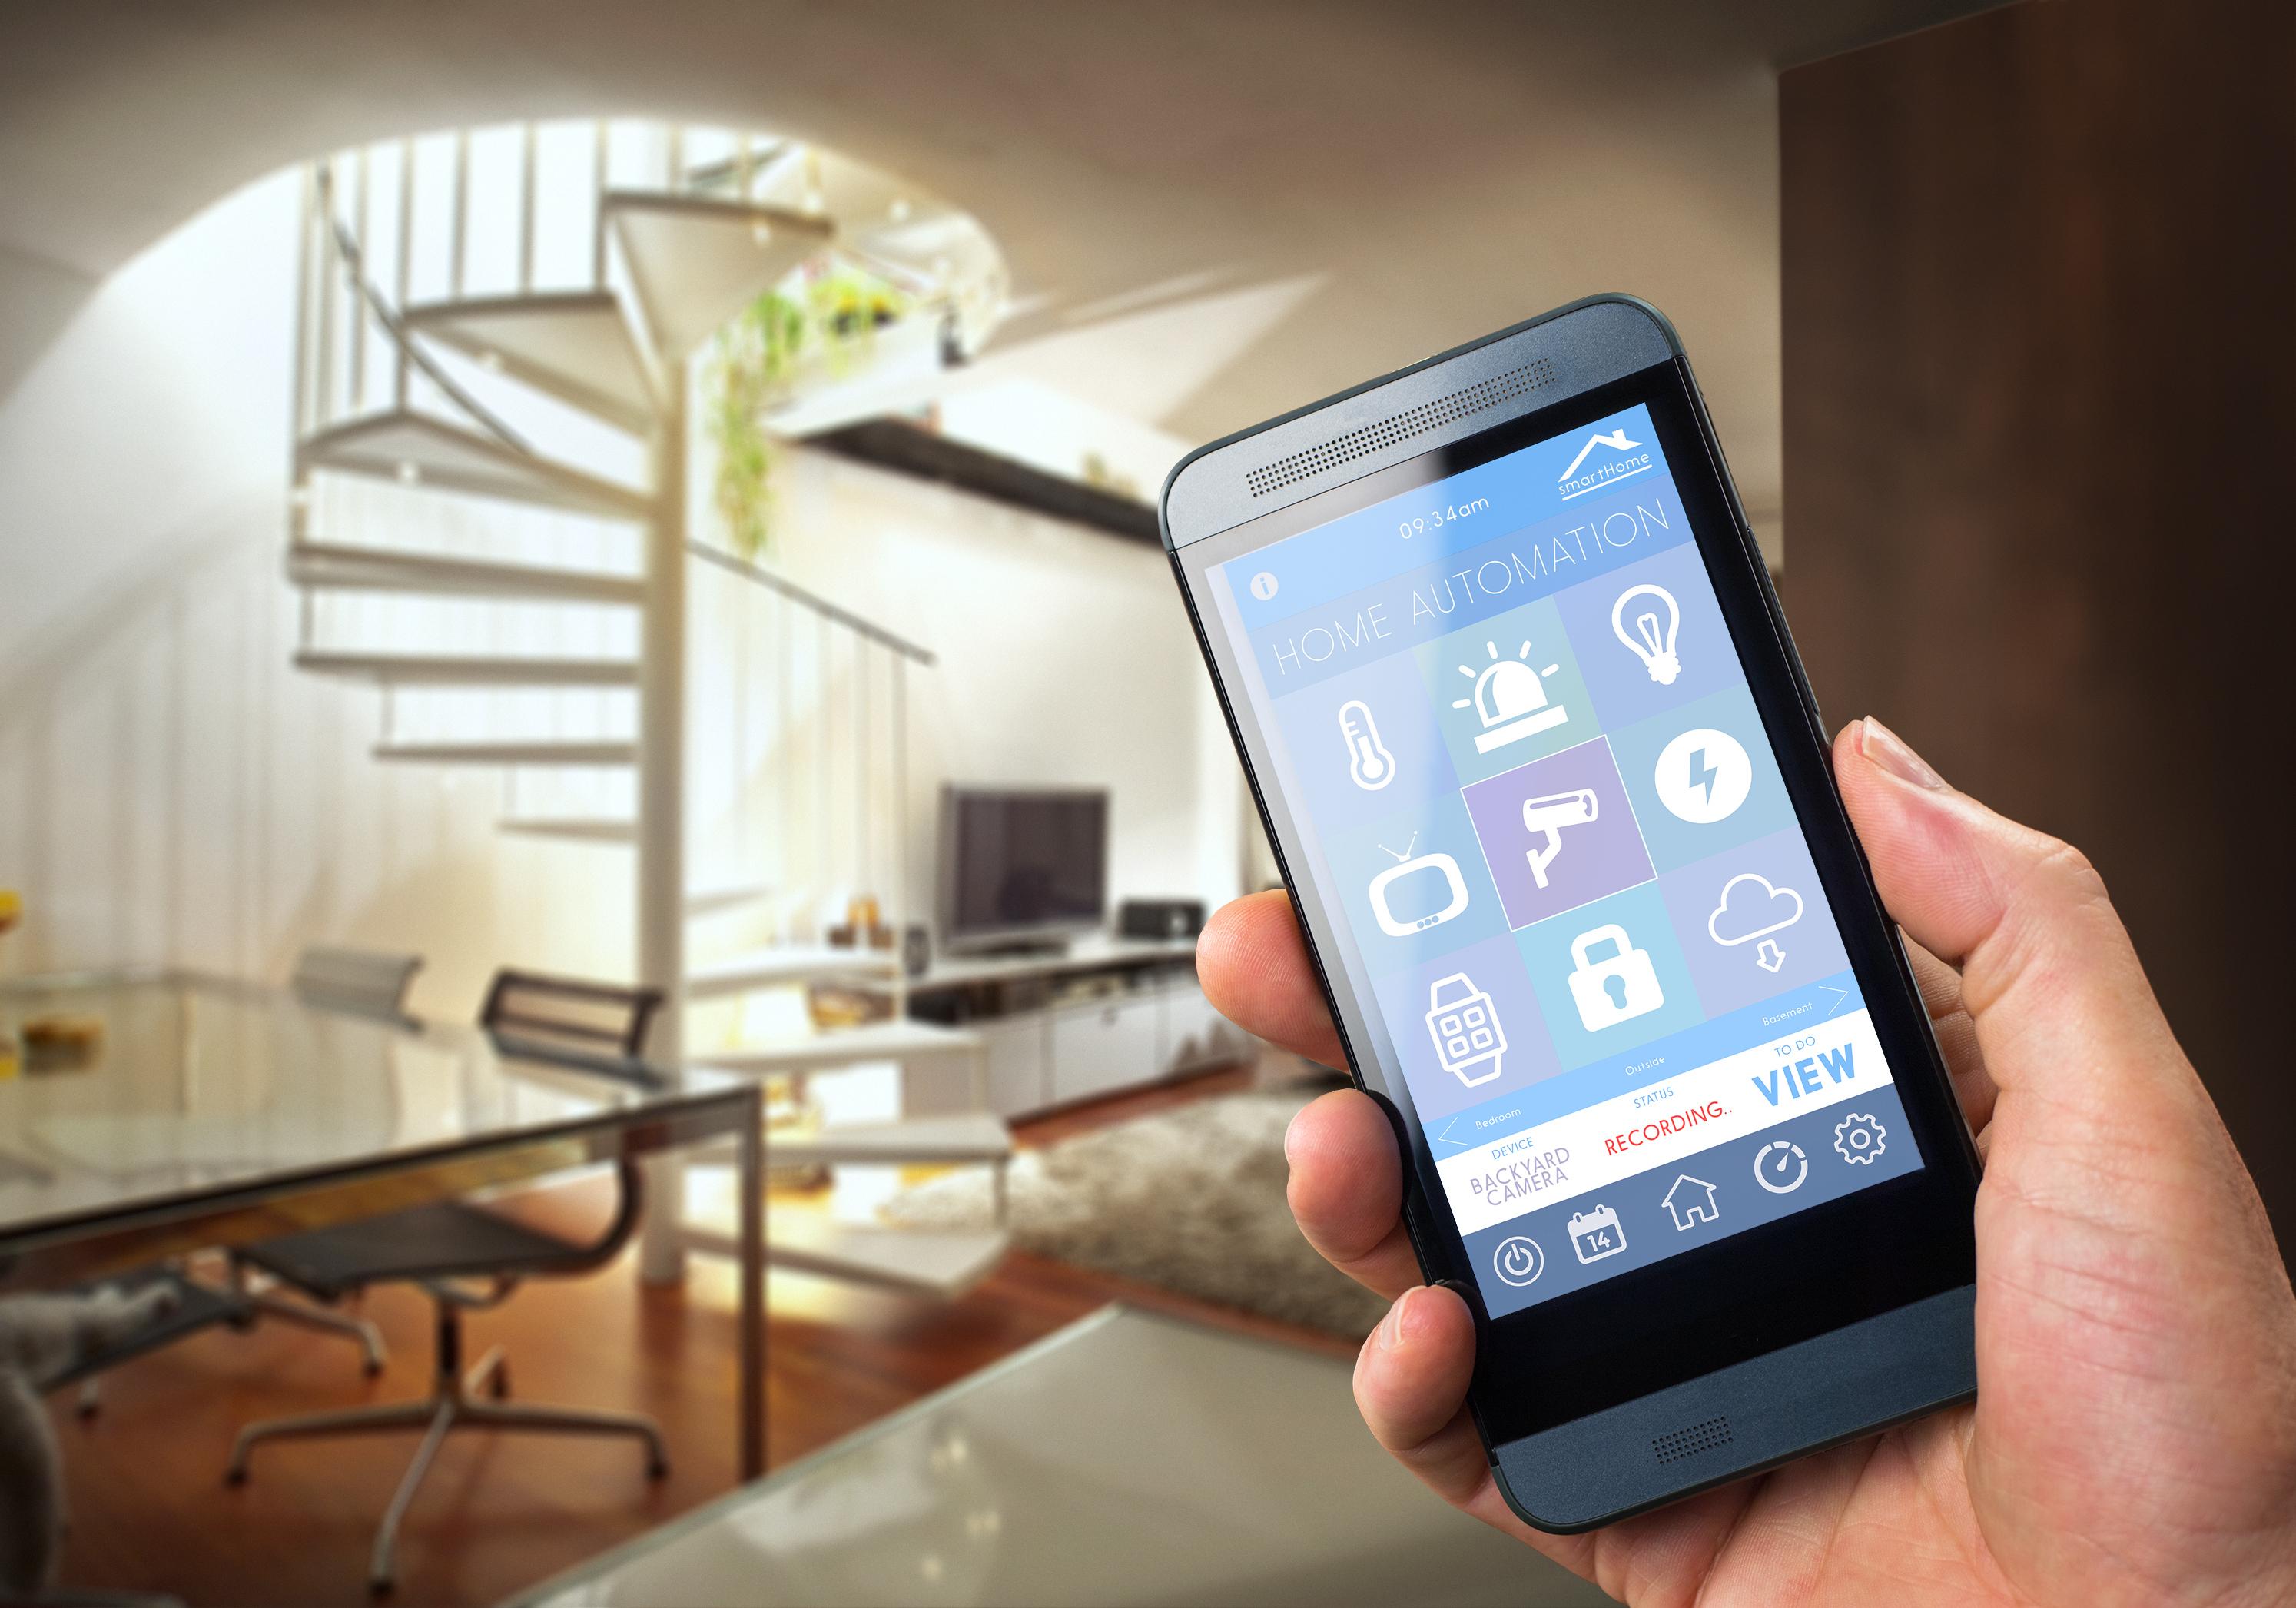 智慧家庭新经济:重新定义互联家庭